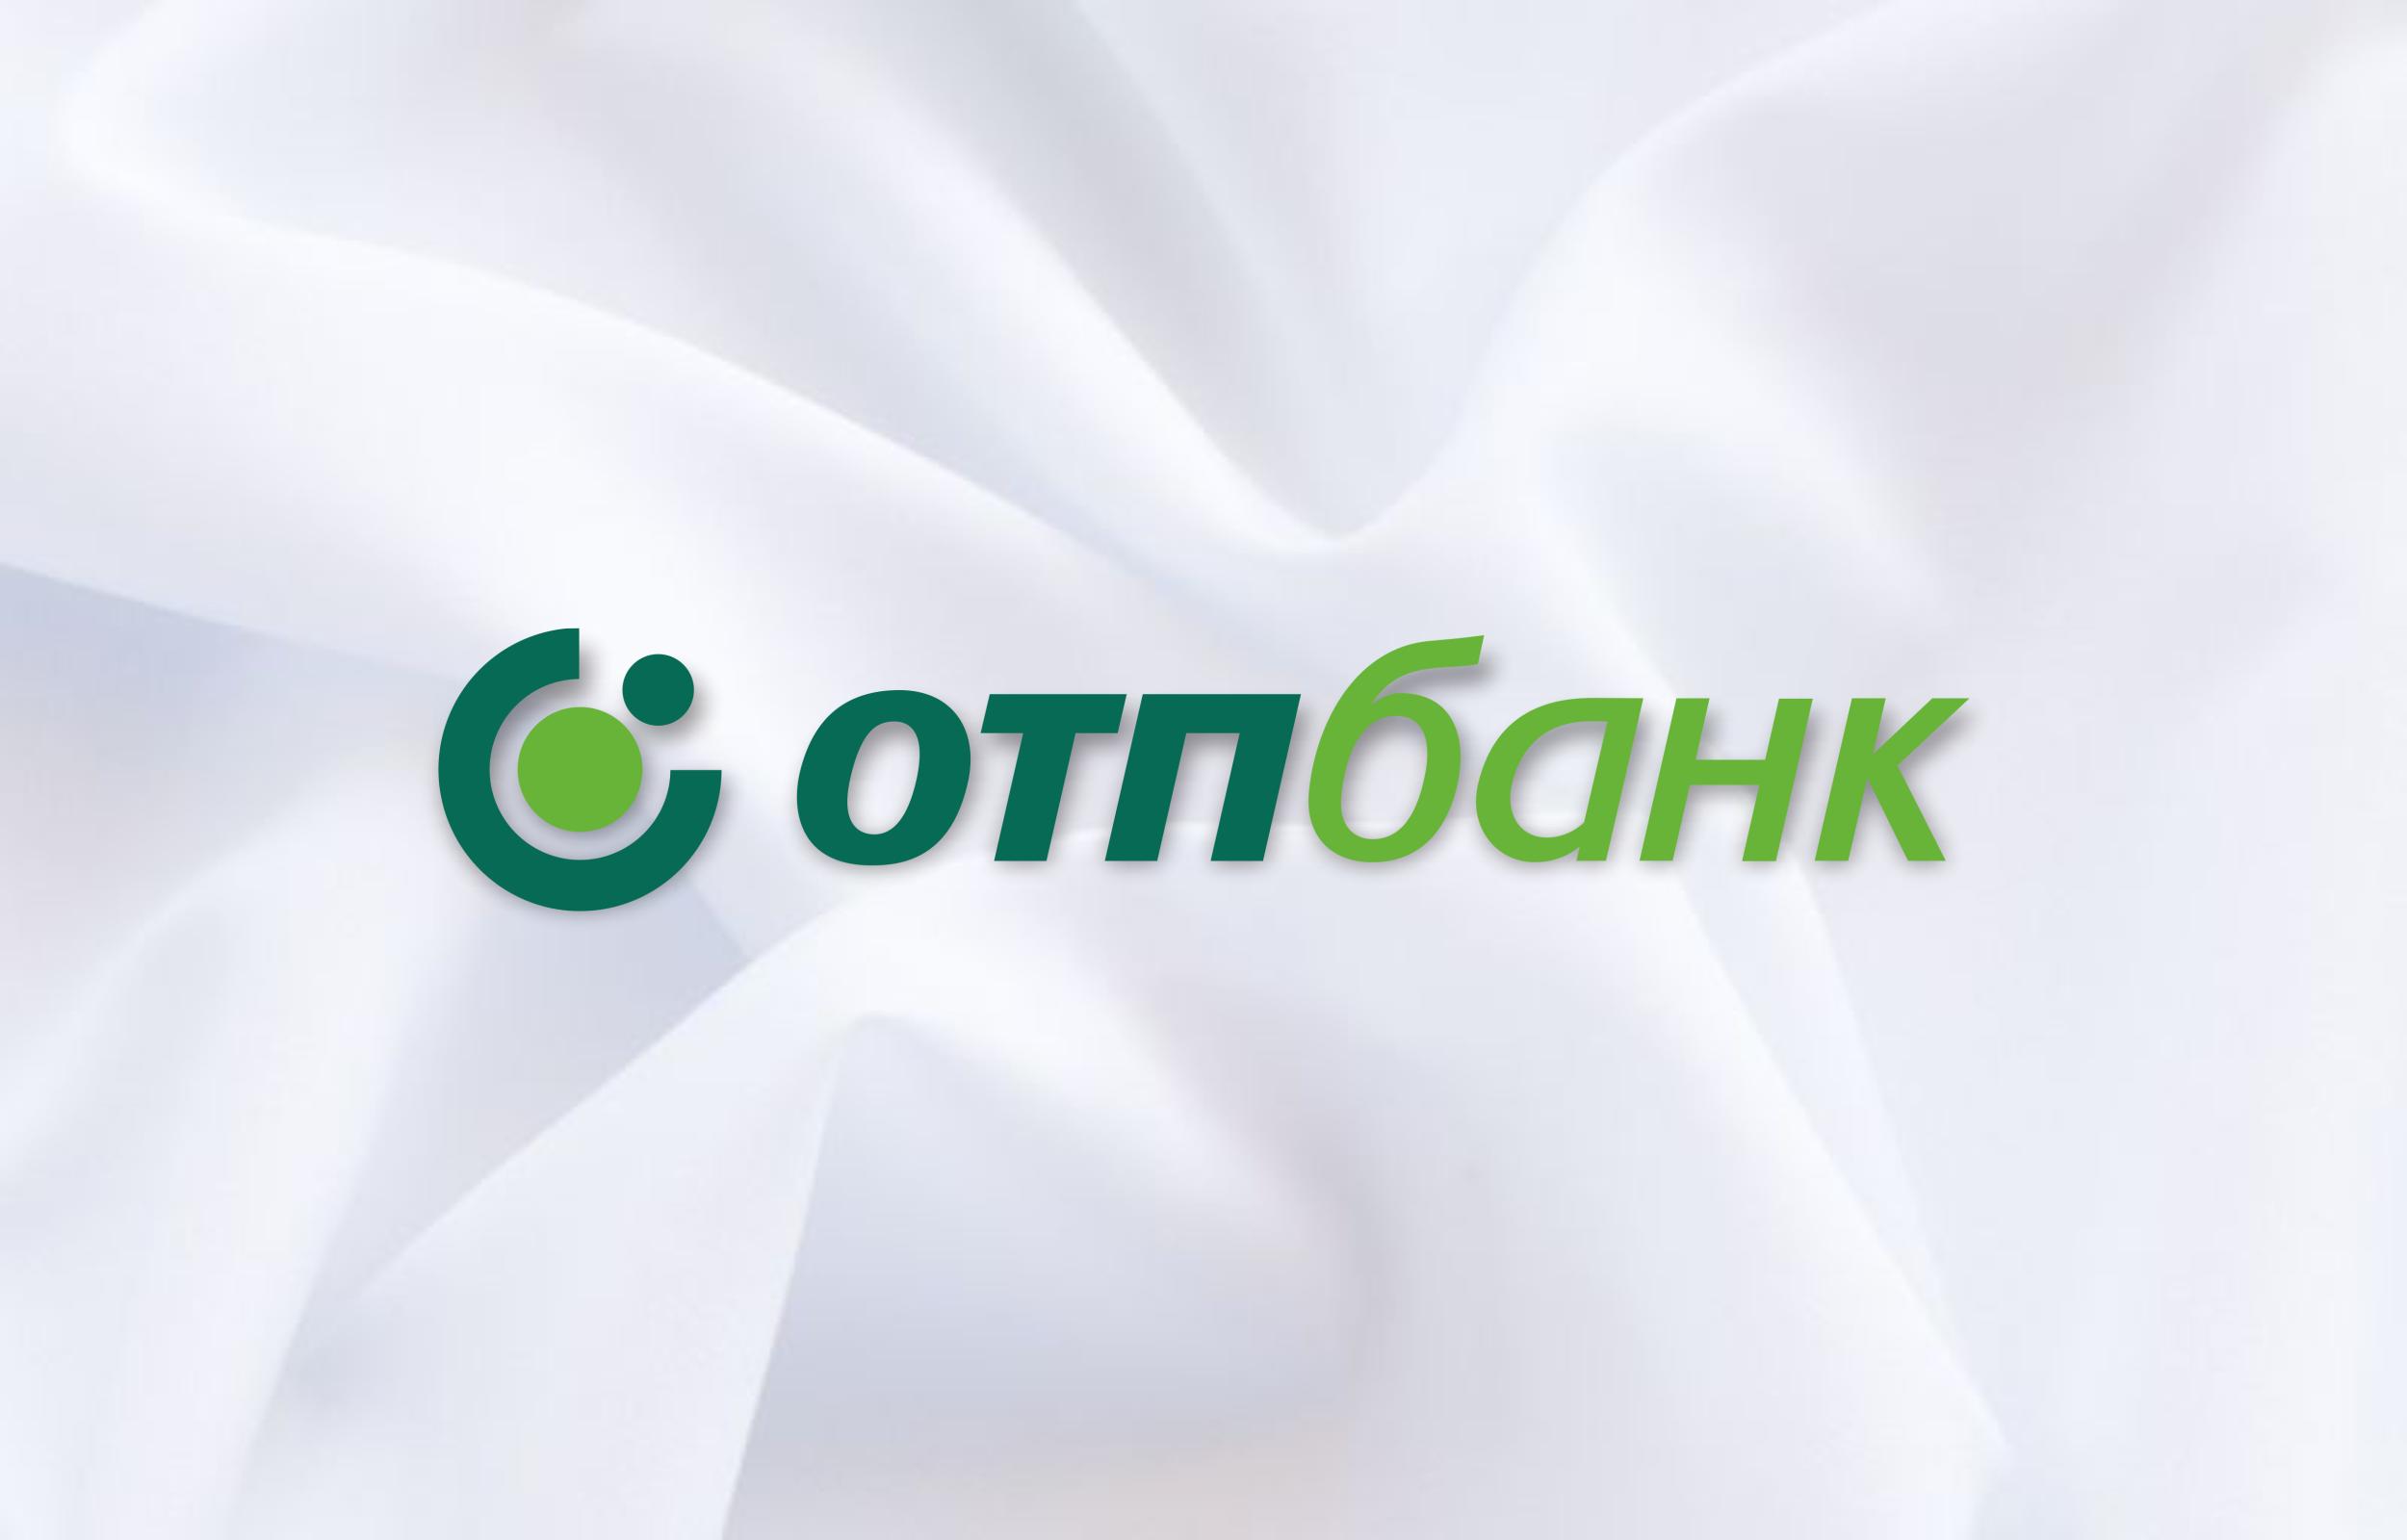 ОТП Банк возврат страховки: пошаговая инструкция, образец заявления